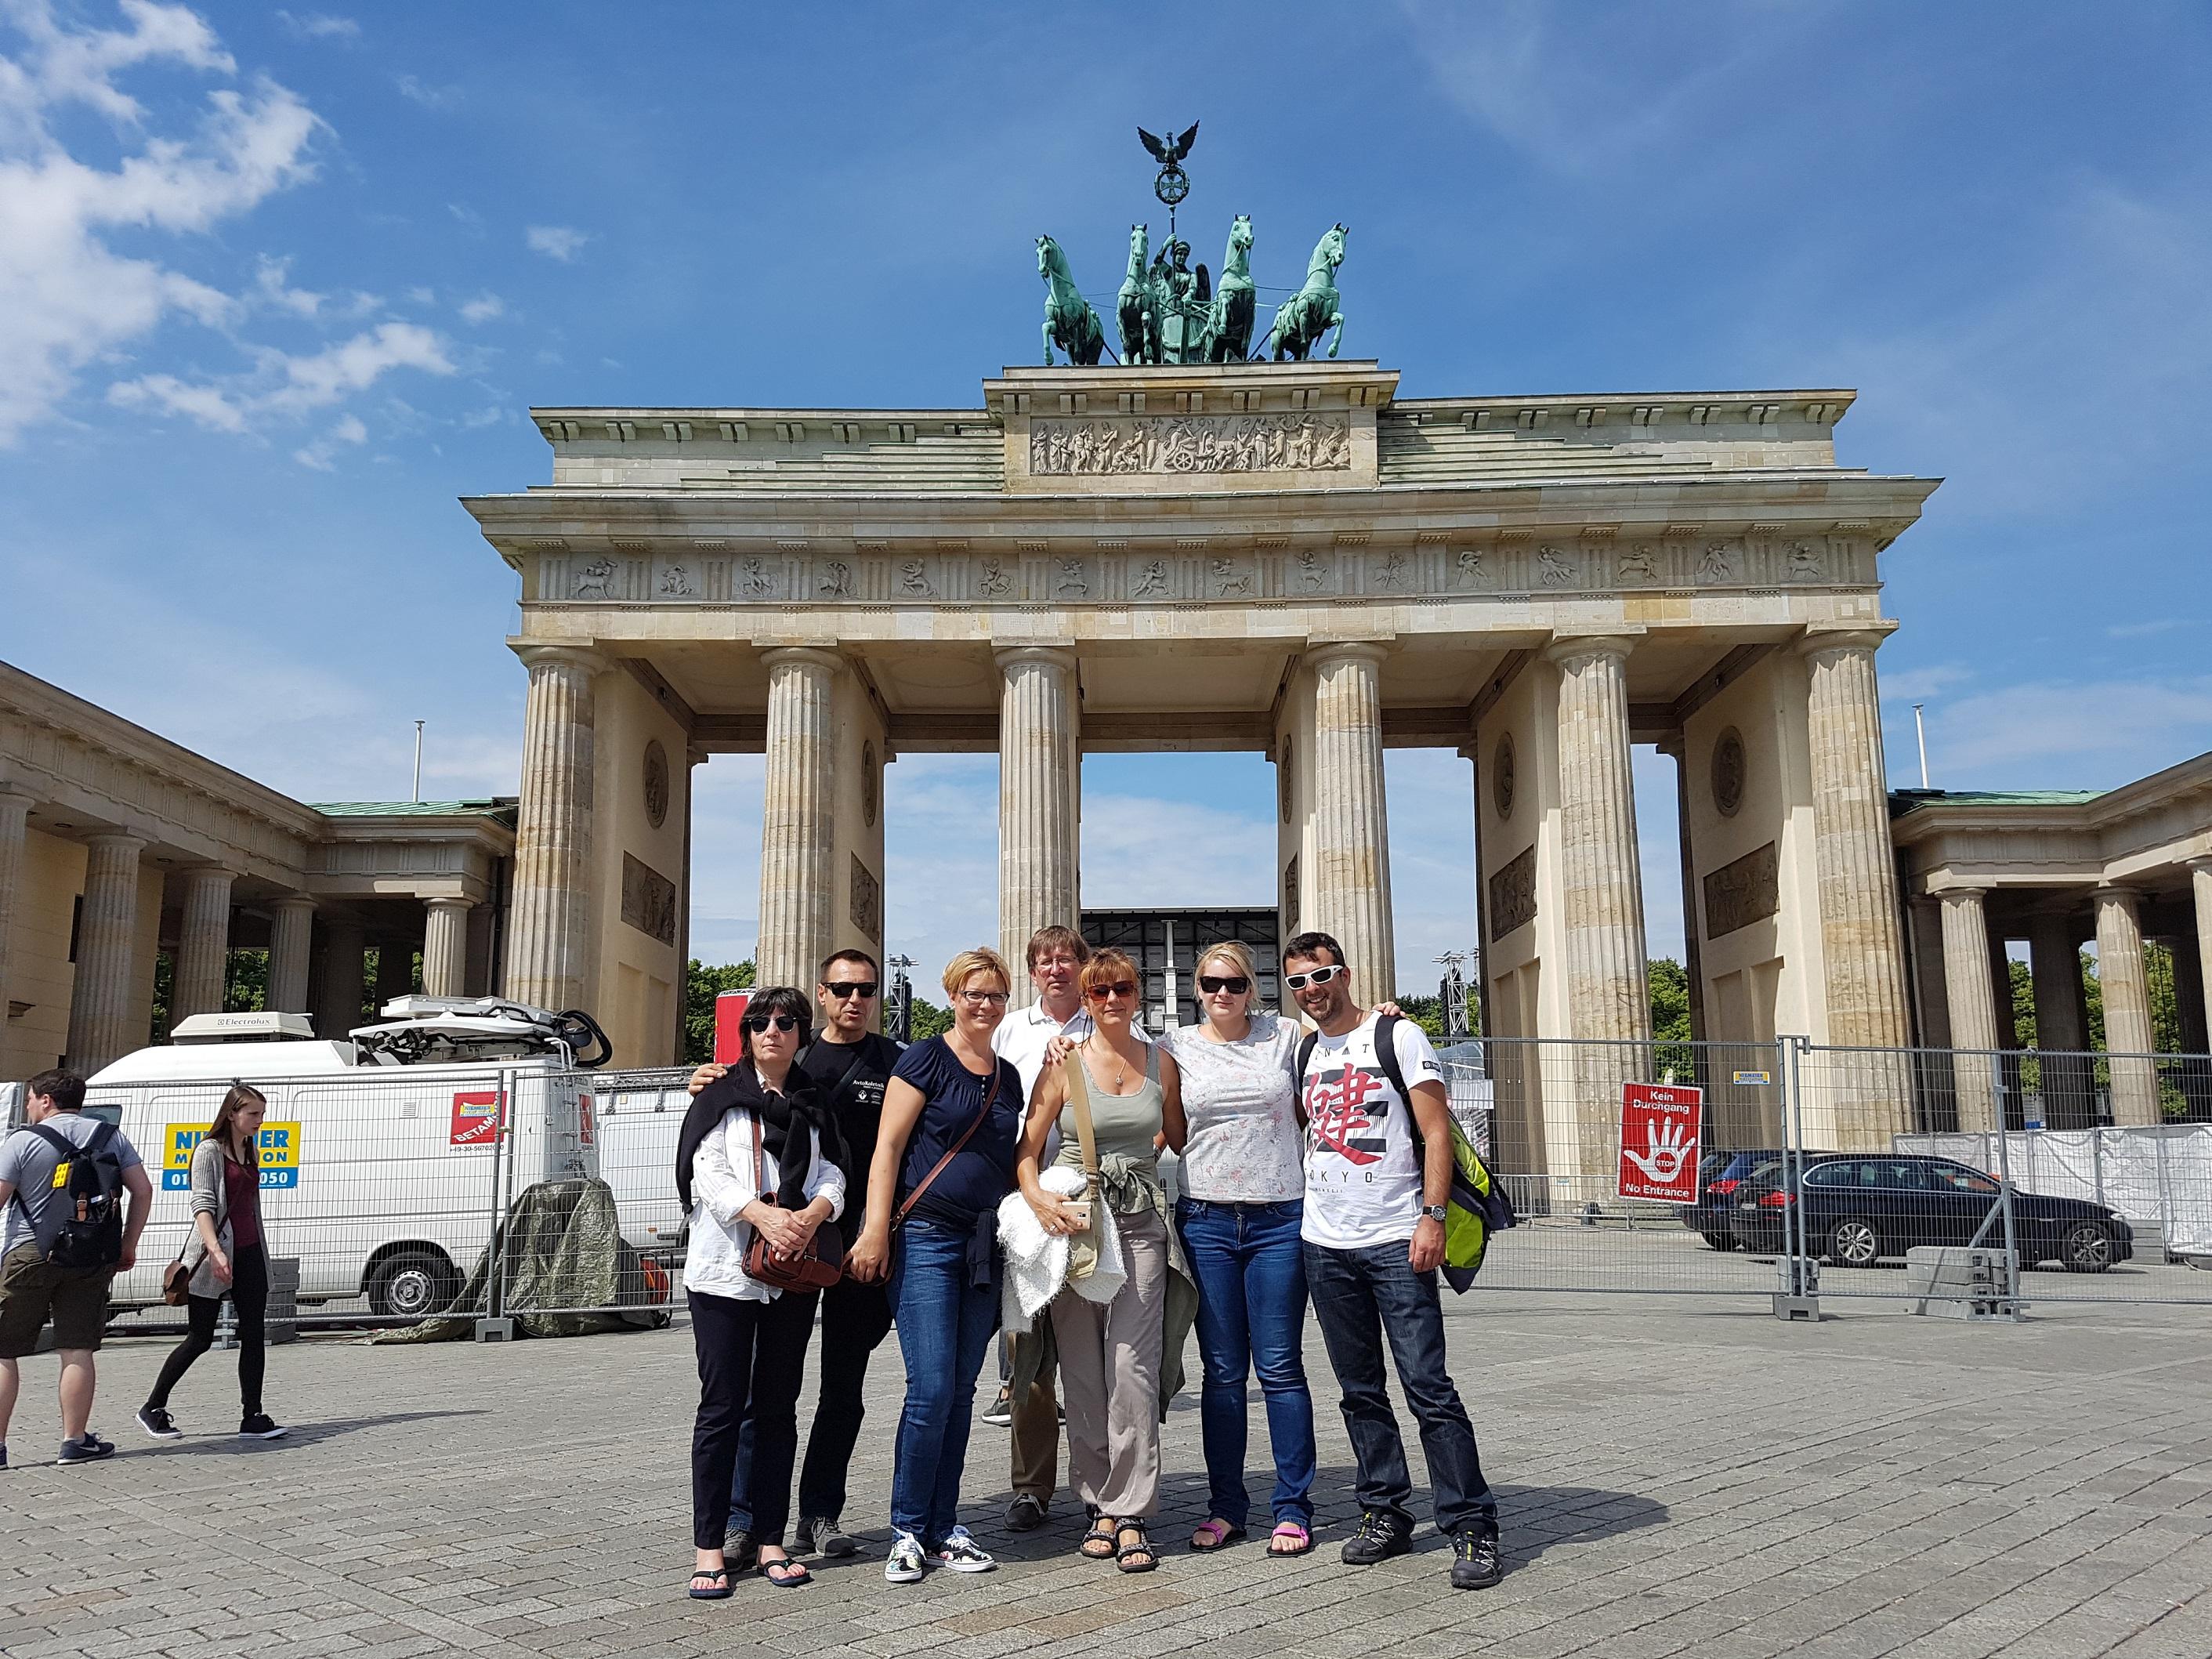 Na izletu v Berlinu